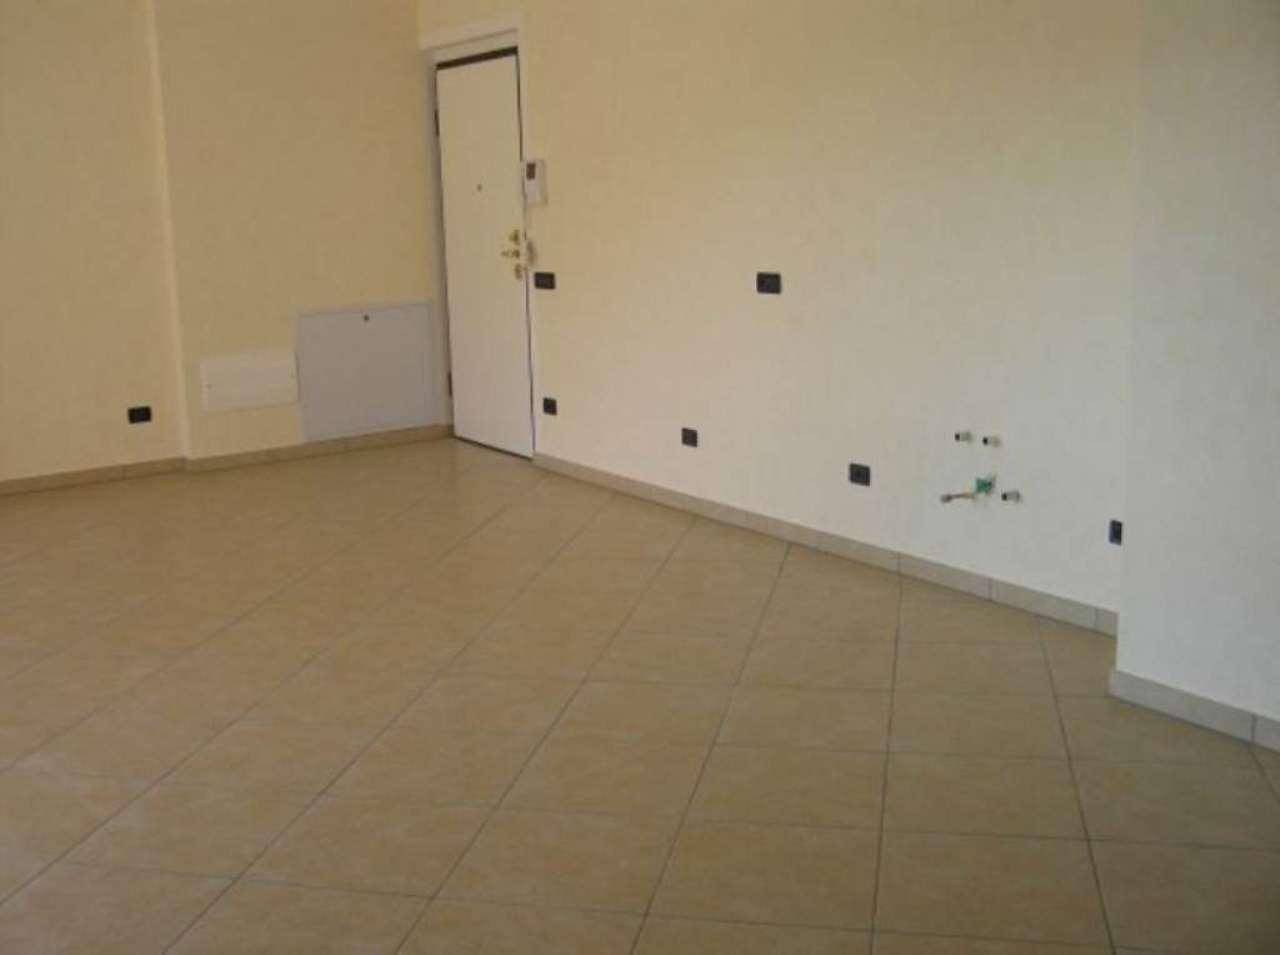 Appartamento in vendita a Como, 4 locali, zona Zona: 7 . Breccia - Camerlata - Rebbio, prezzo € 230.000 | CambioCasa.it